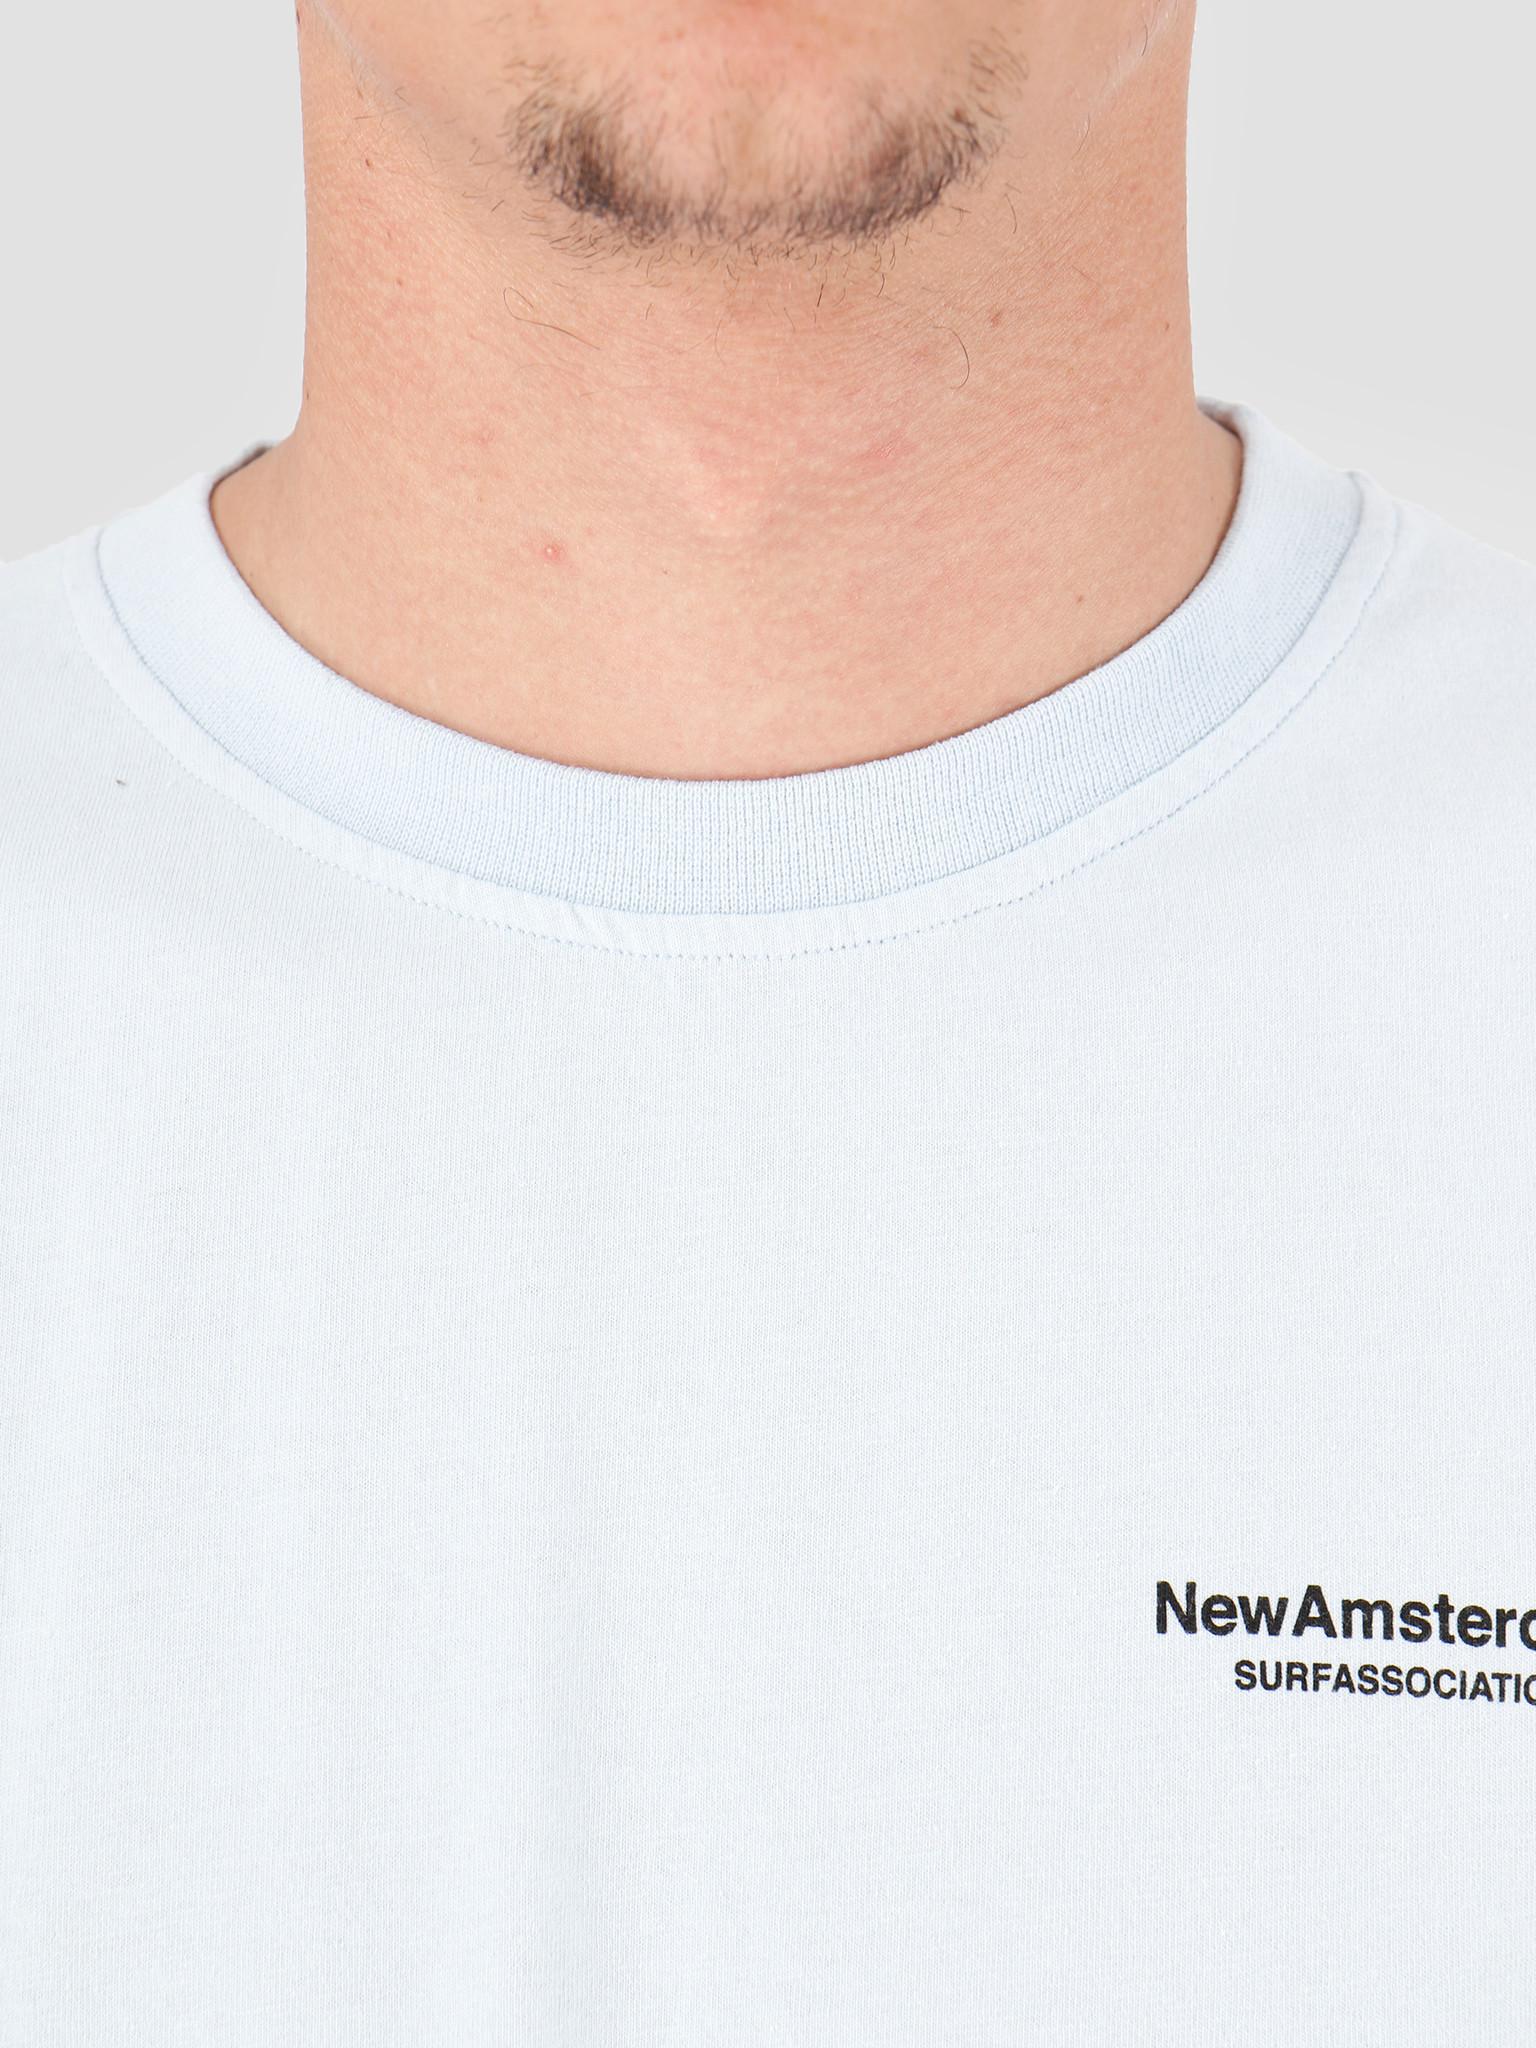 New Amsterdam Surf association New Amsterdam Surf association Wijk T-Shirt Light Blue 2018002